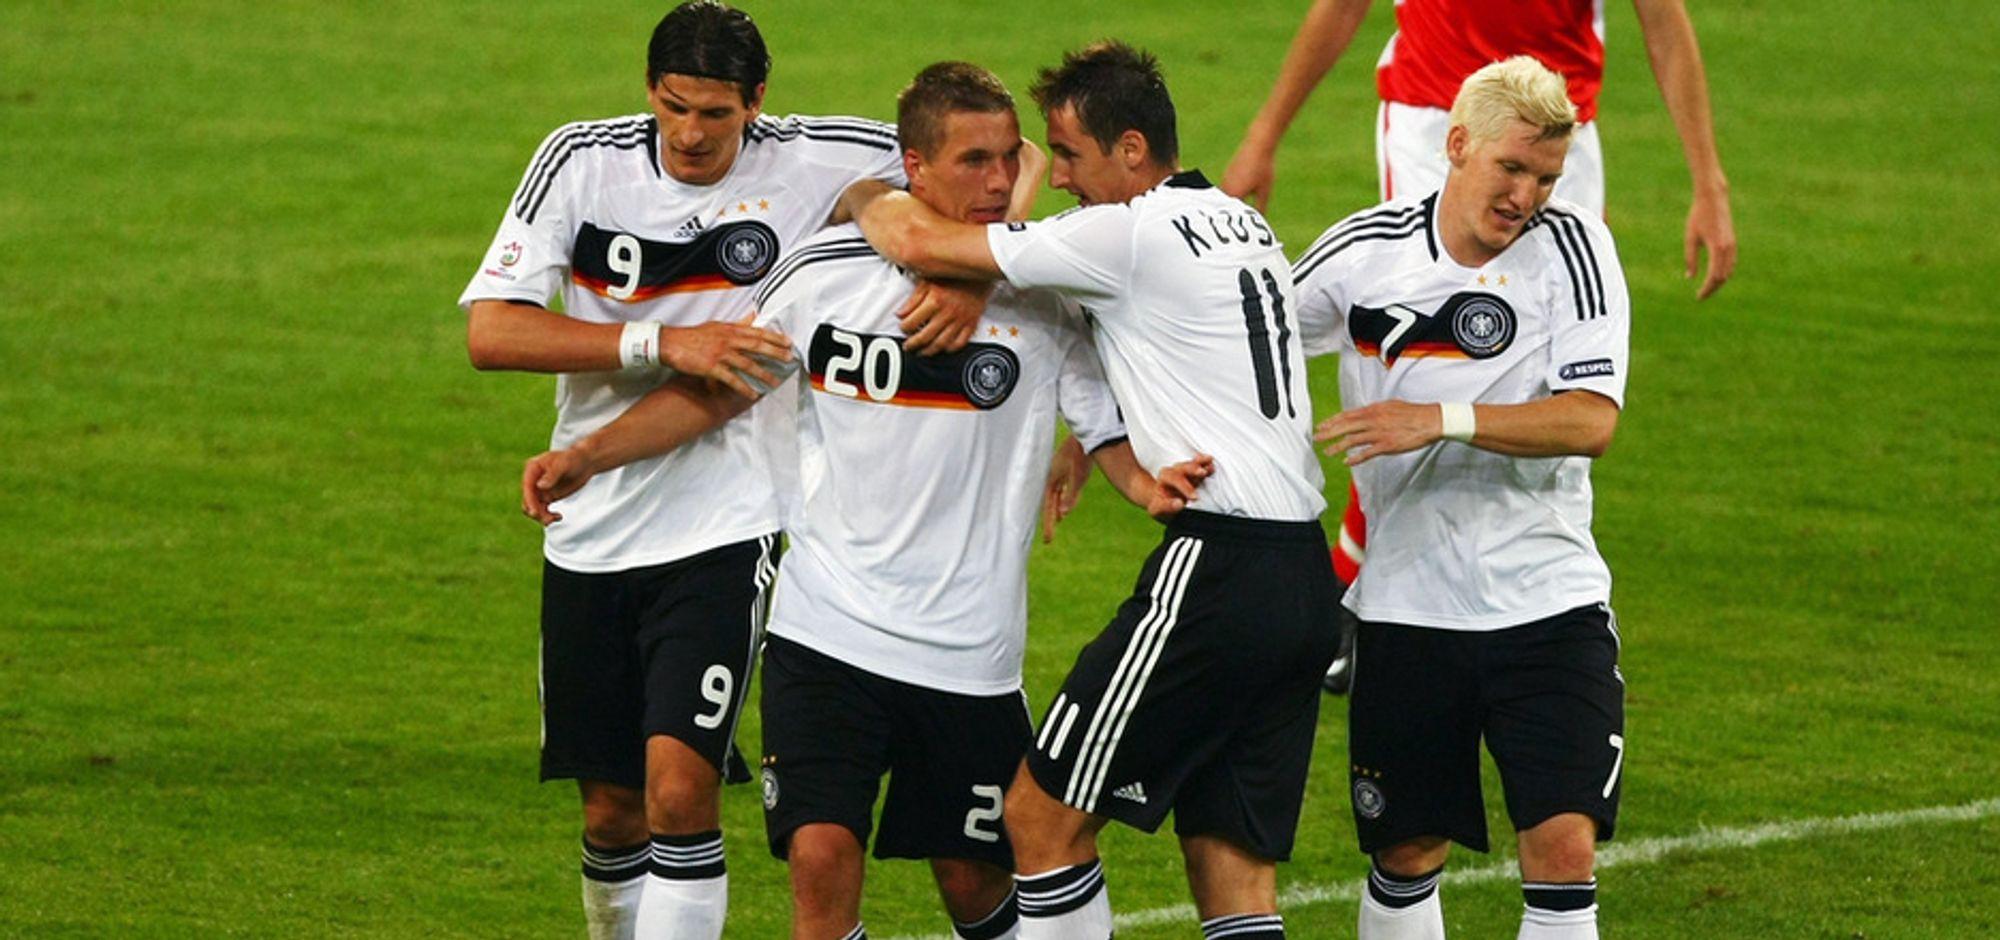 Mario Gomez (f.v), Lukas Podolski, Miroslav Klose, Bastian Schweinsteiger og resten av det tyske mannskapet har størst sjanse for å vinne EM når fire kamper er spilt, ifølge Norsk Regnesentral.